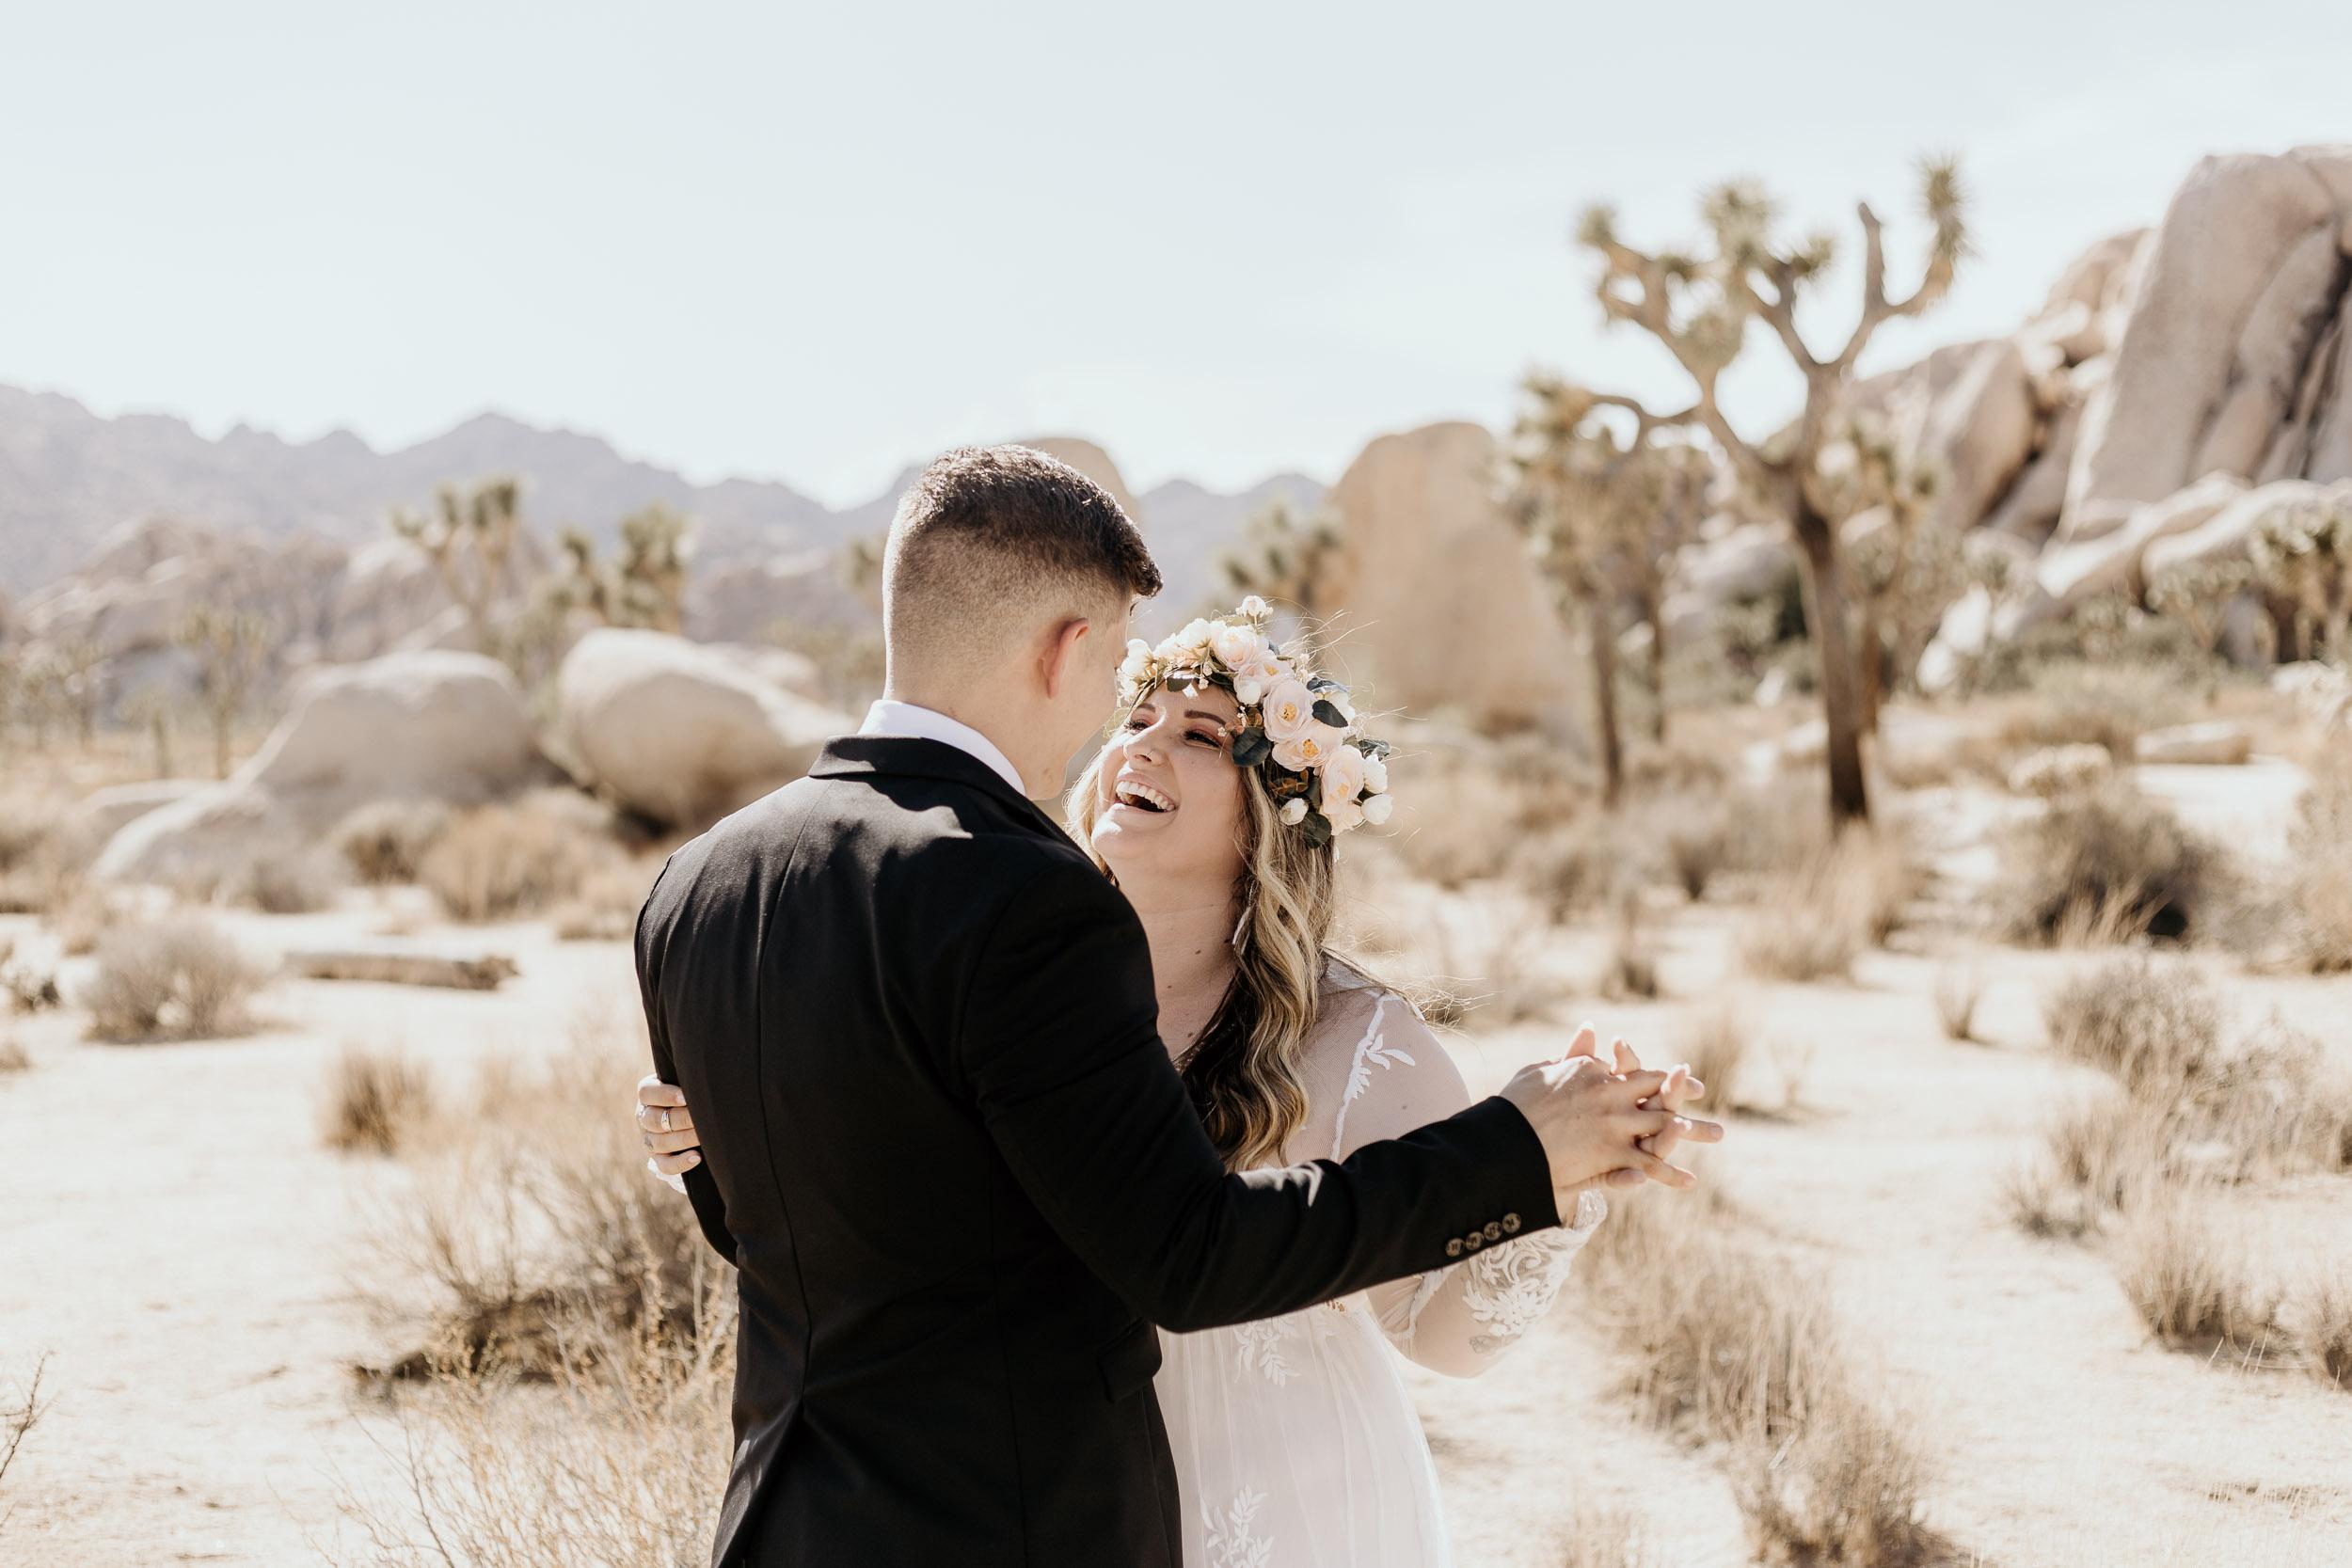 intimate-wedding-elopement-photographer-ottawa-joshua-tree-0300.jpg